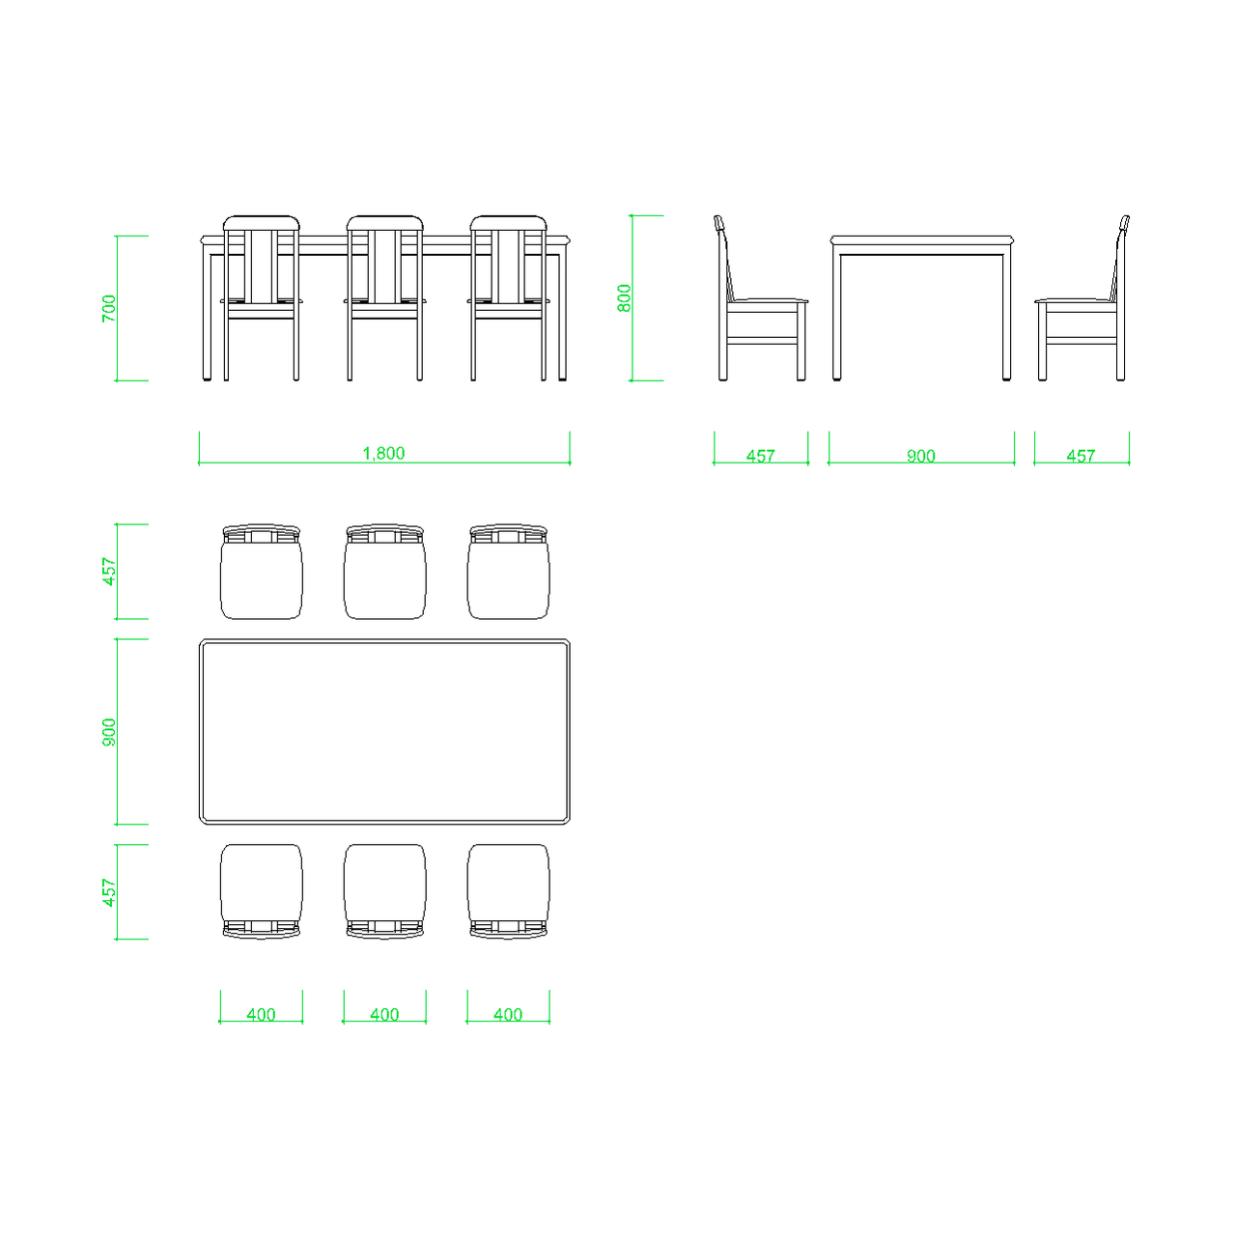 ダイニングテーブルと椅子6脚の2DCAD部品丨インテリア 家具 寸法丨無料 商用可能 フリー素材 フリーデータ AUTOCAD DWG DXF